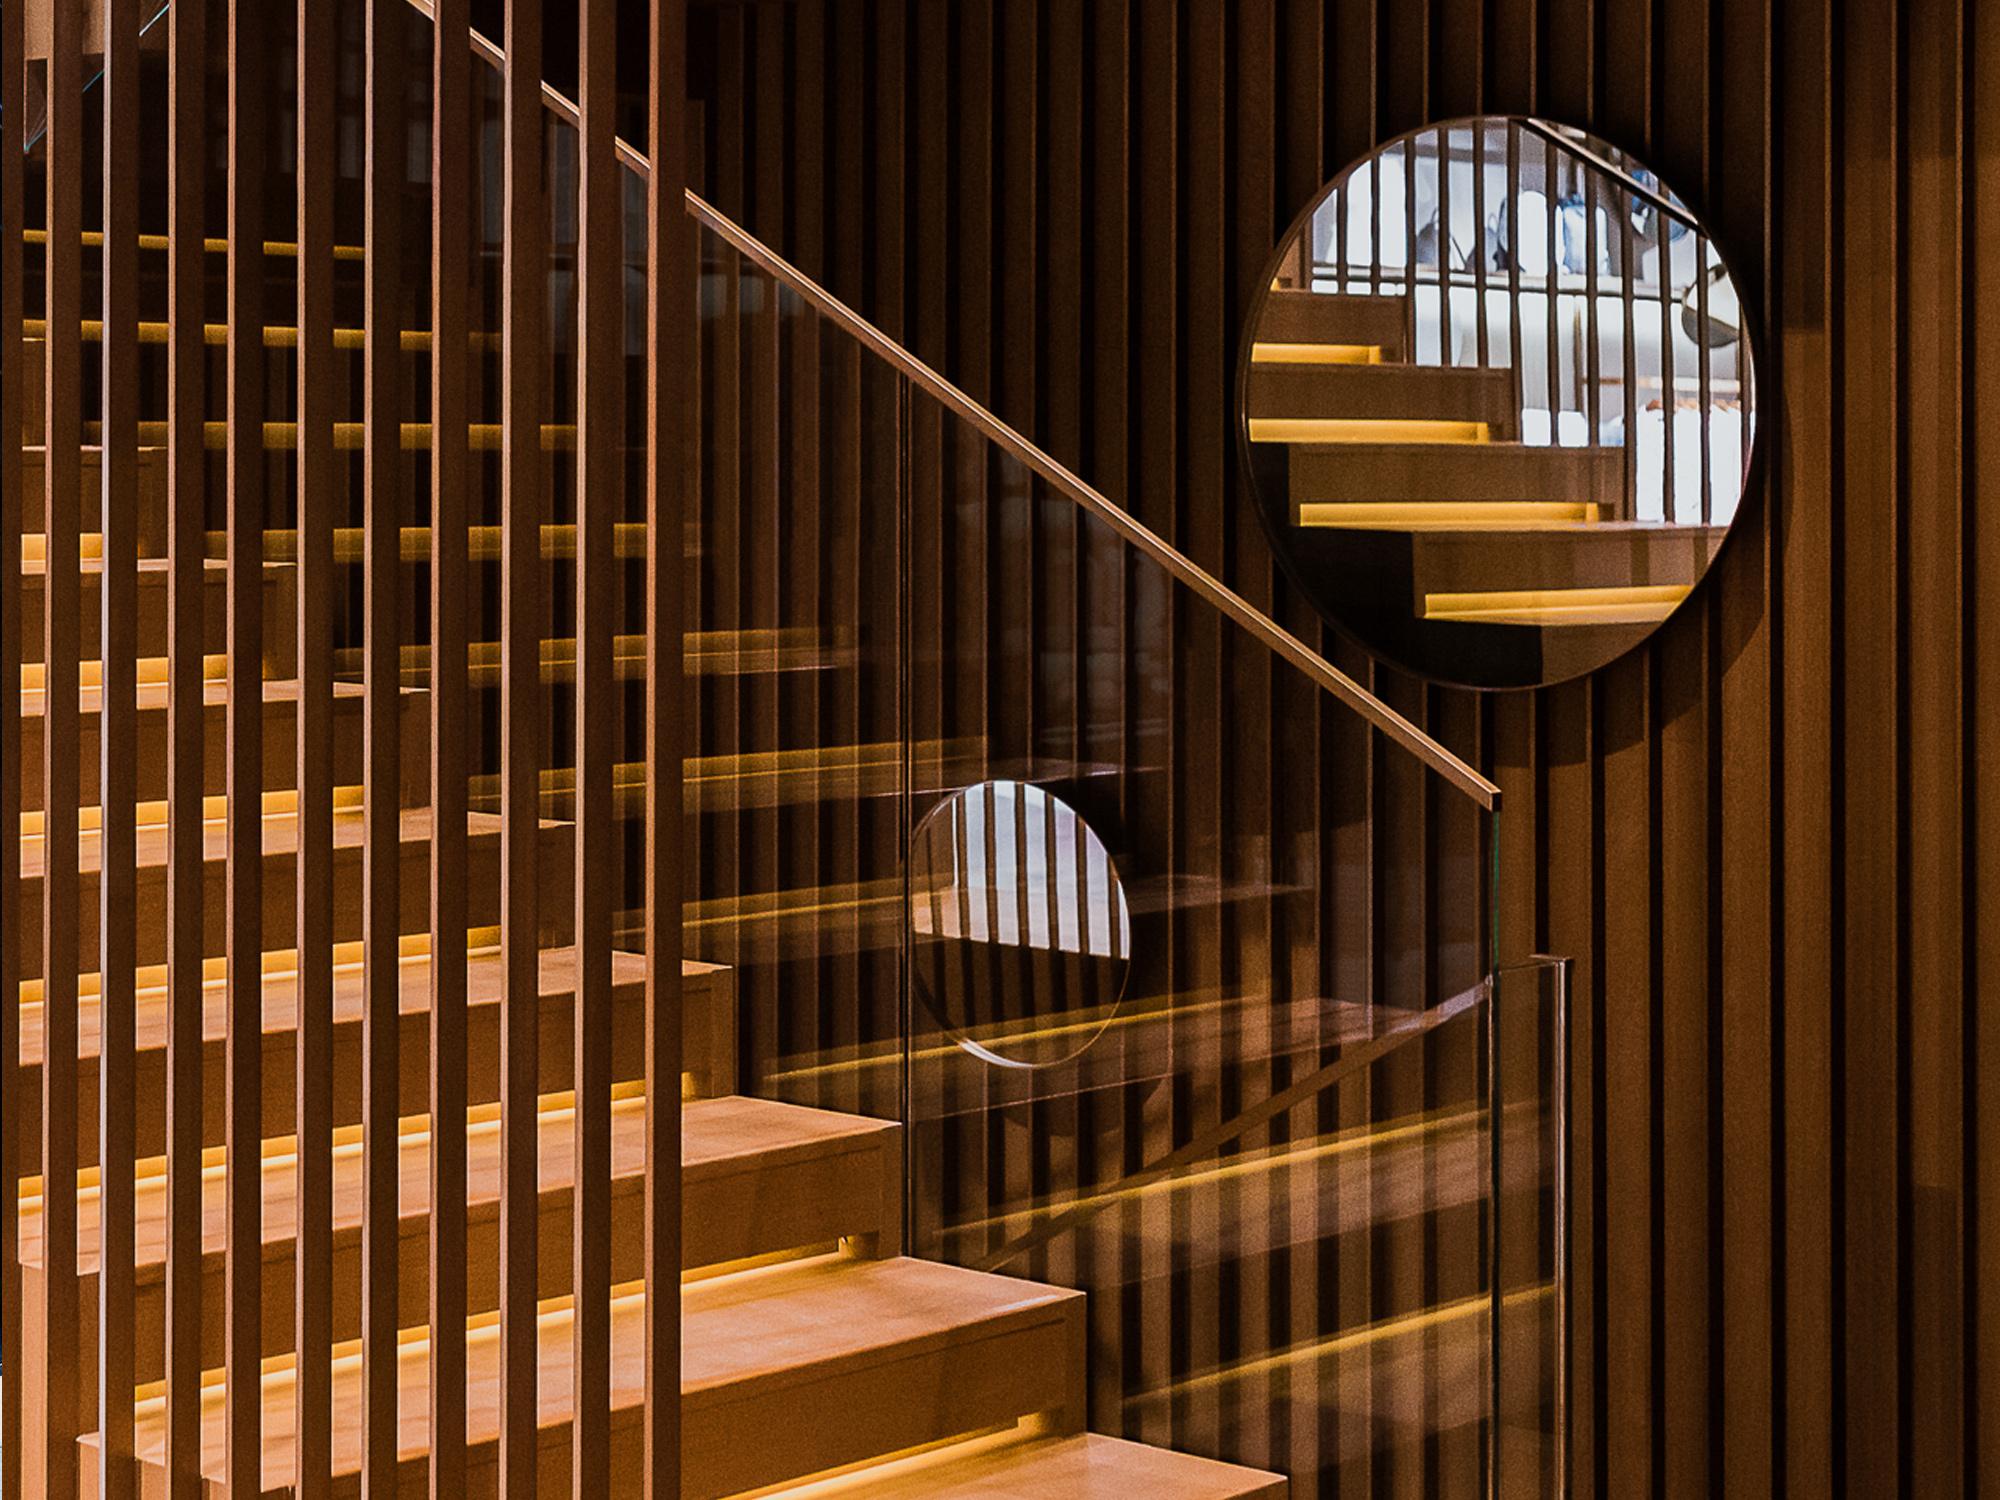 Das Treppenhausist durch einedurchlässigeEbeneaus geöffneten Bronzelamellen von den Verkaufsräumen getrennt. Foto:Dirk Weiblen © MCM